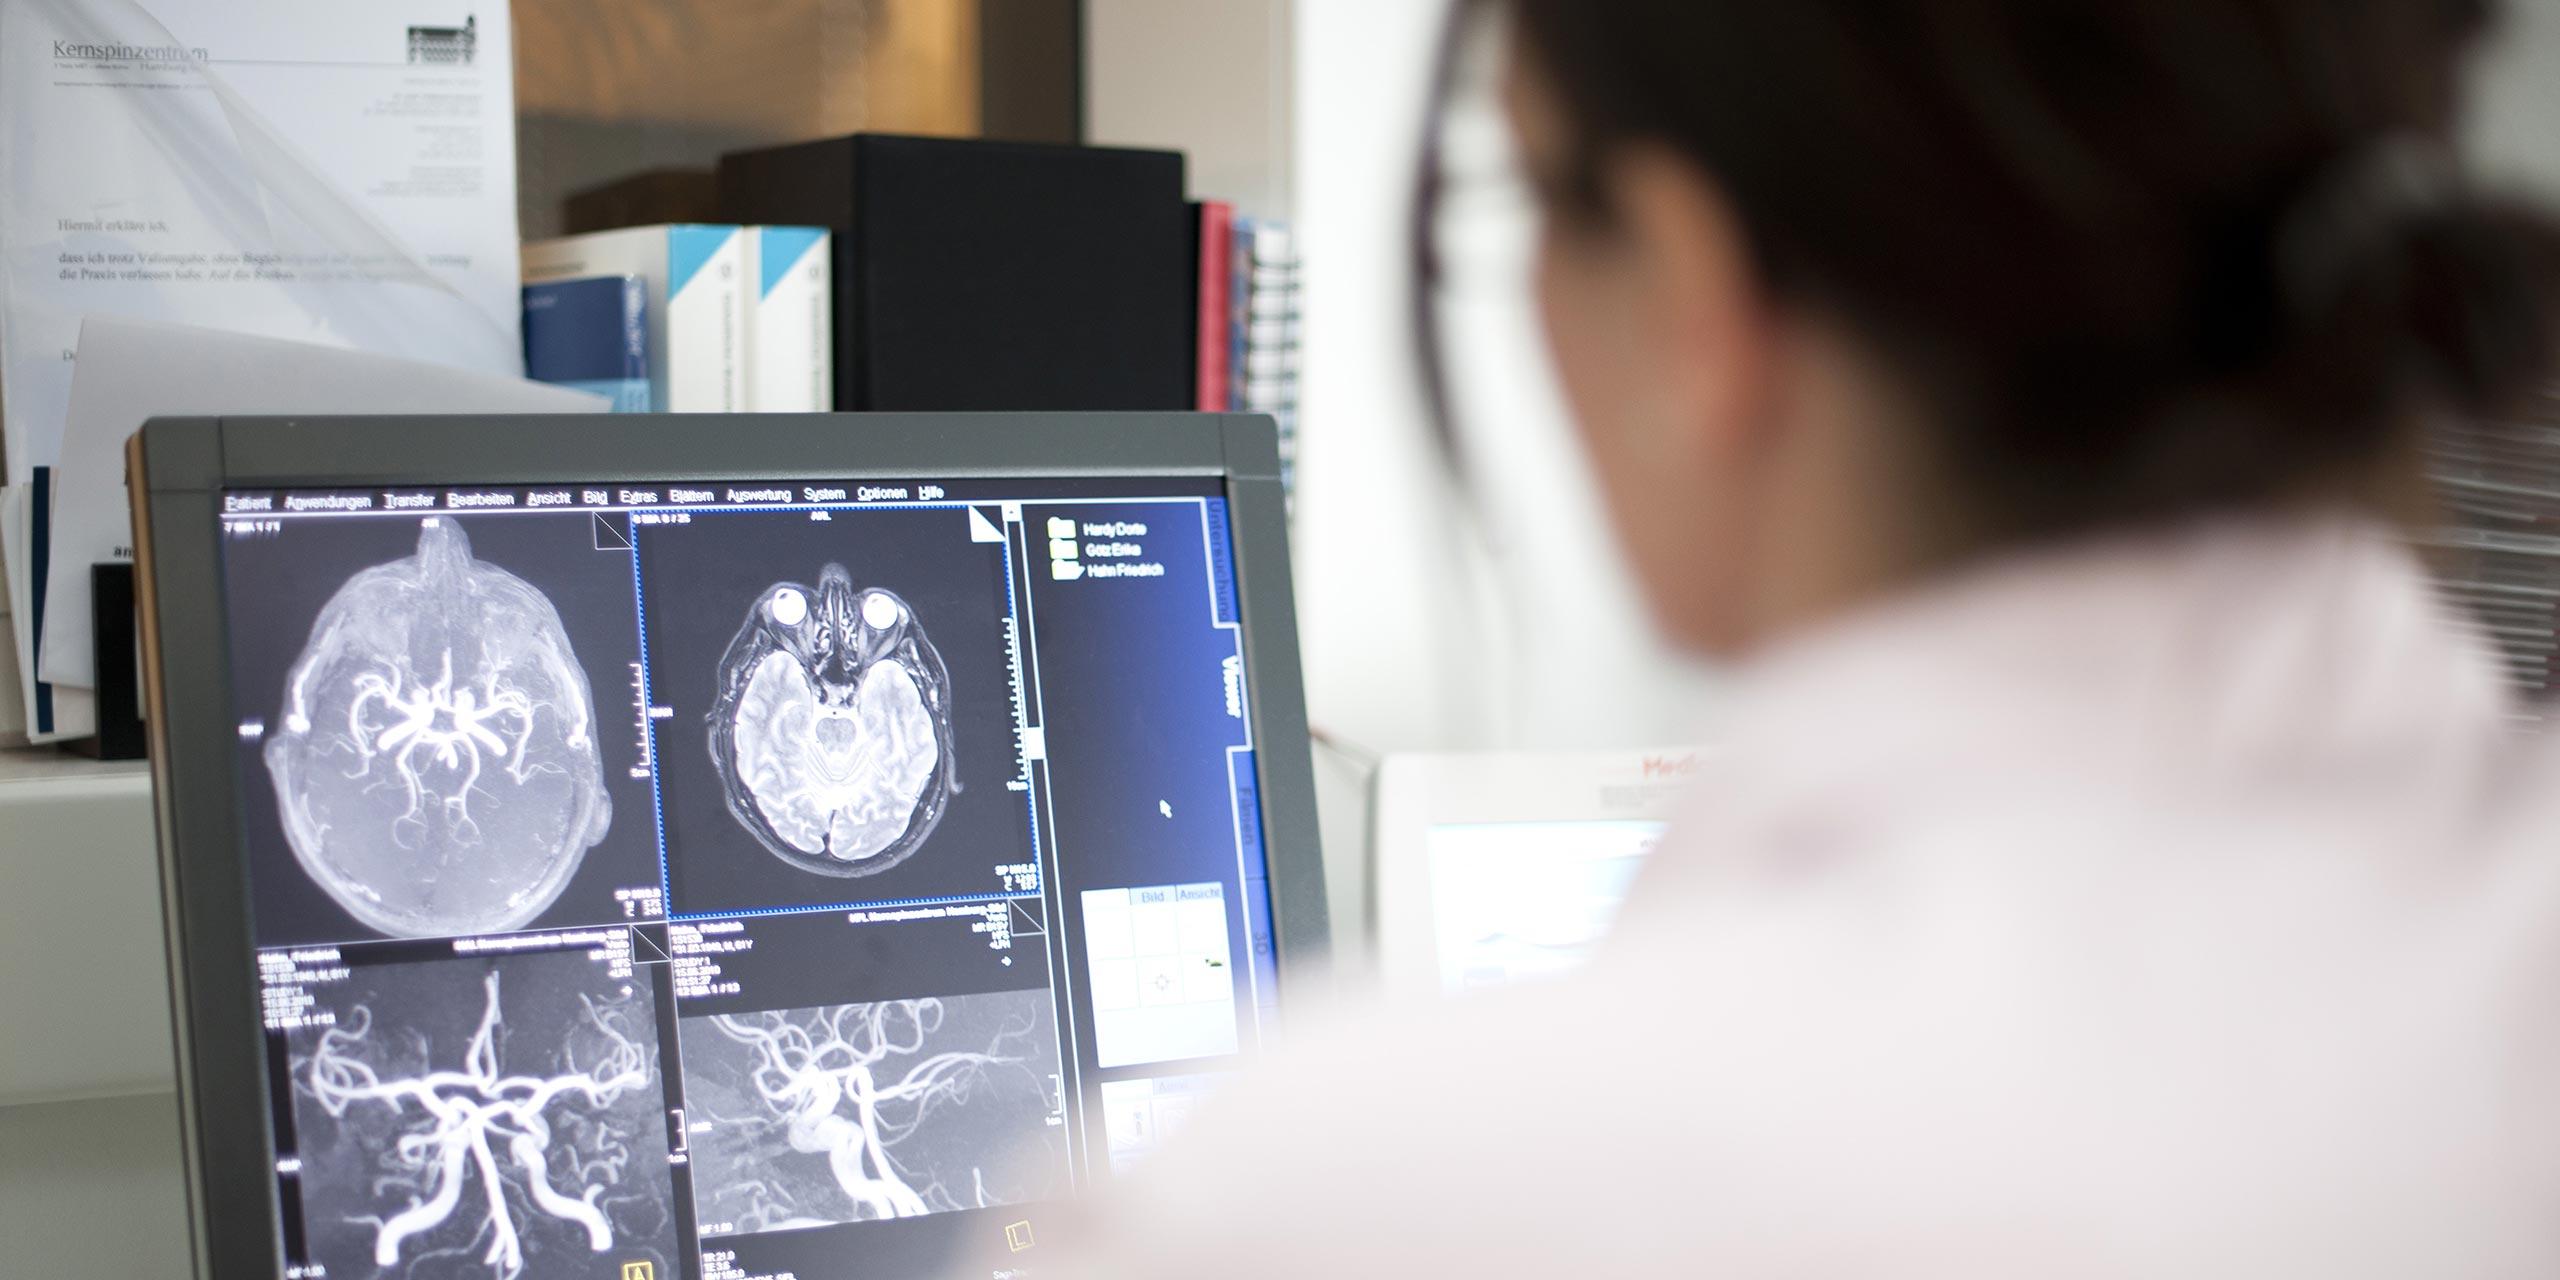 Kernspinzentrum Hamburg-Süd - Spektrum - Digitale Mammographie